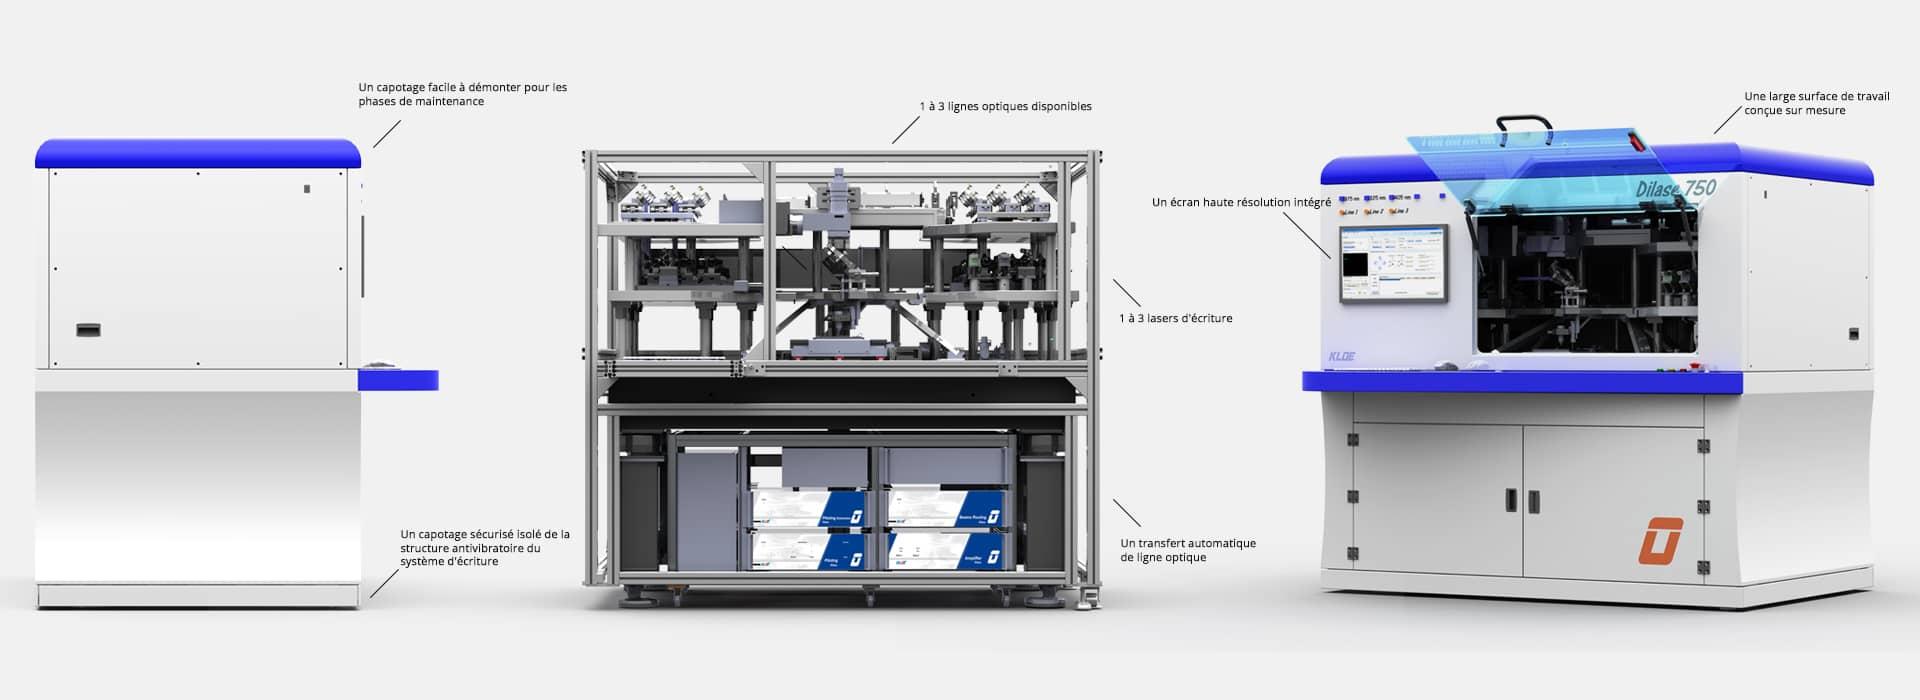 Schéma explicatif de la structure de l'équipement d'écriture directe laser Dilase 750